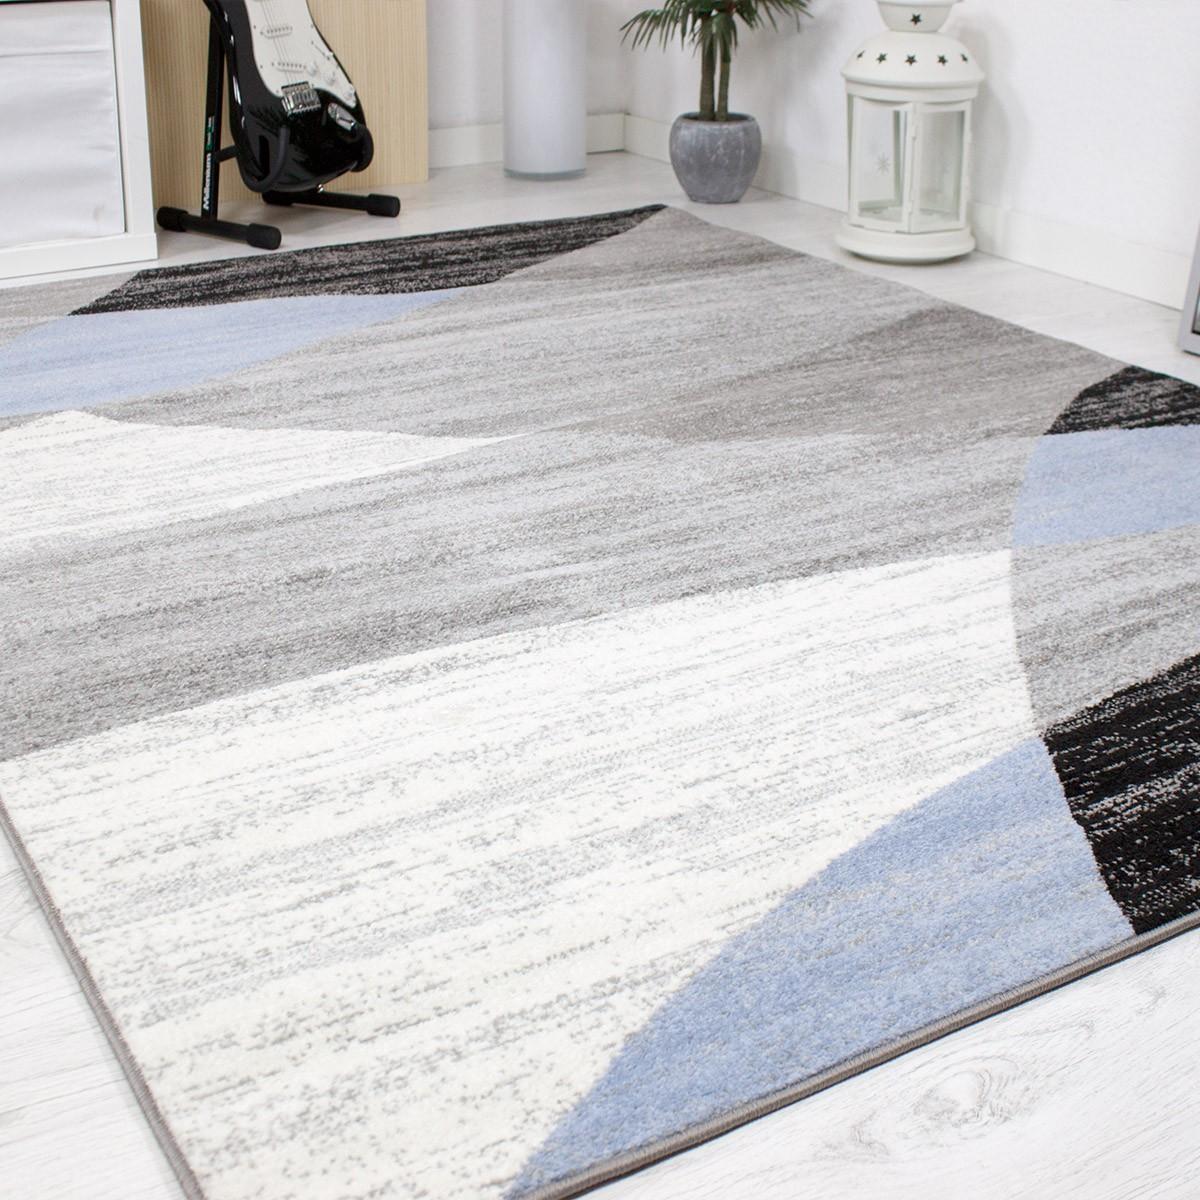 designer wohnzimmer teppich geometrisches muster meliert verschiedene farben neu ebay. Black Bedroom Furniture Sets. Home Design Ideas